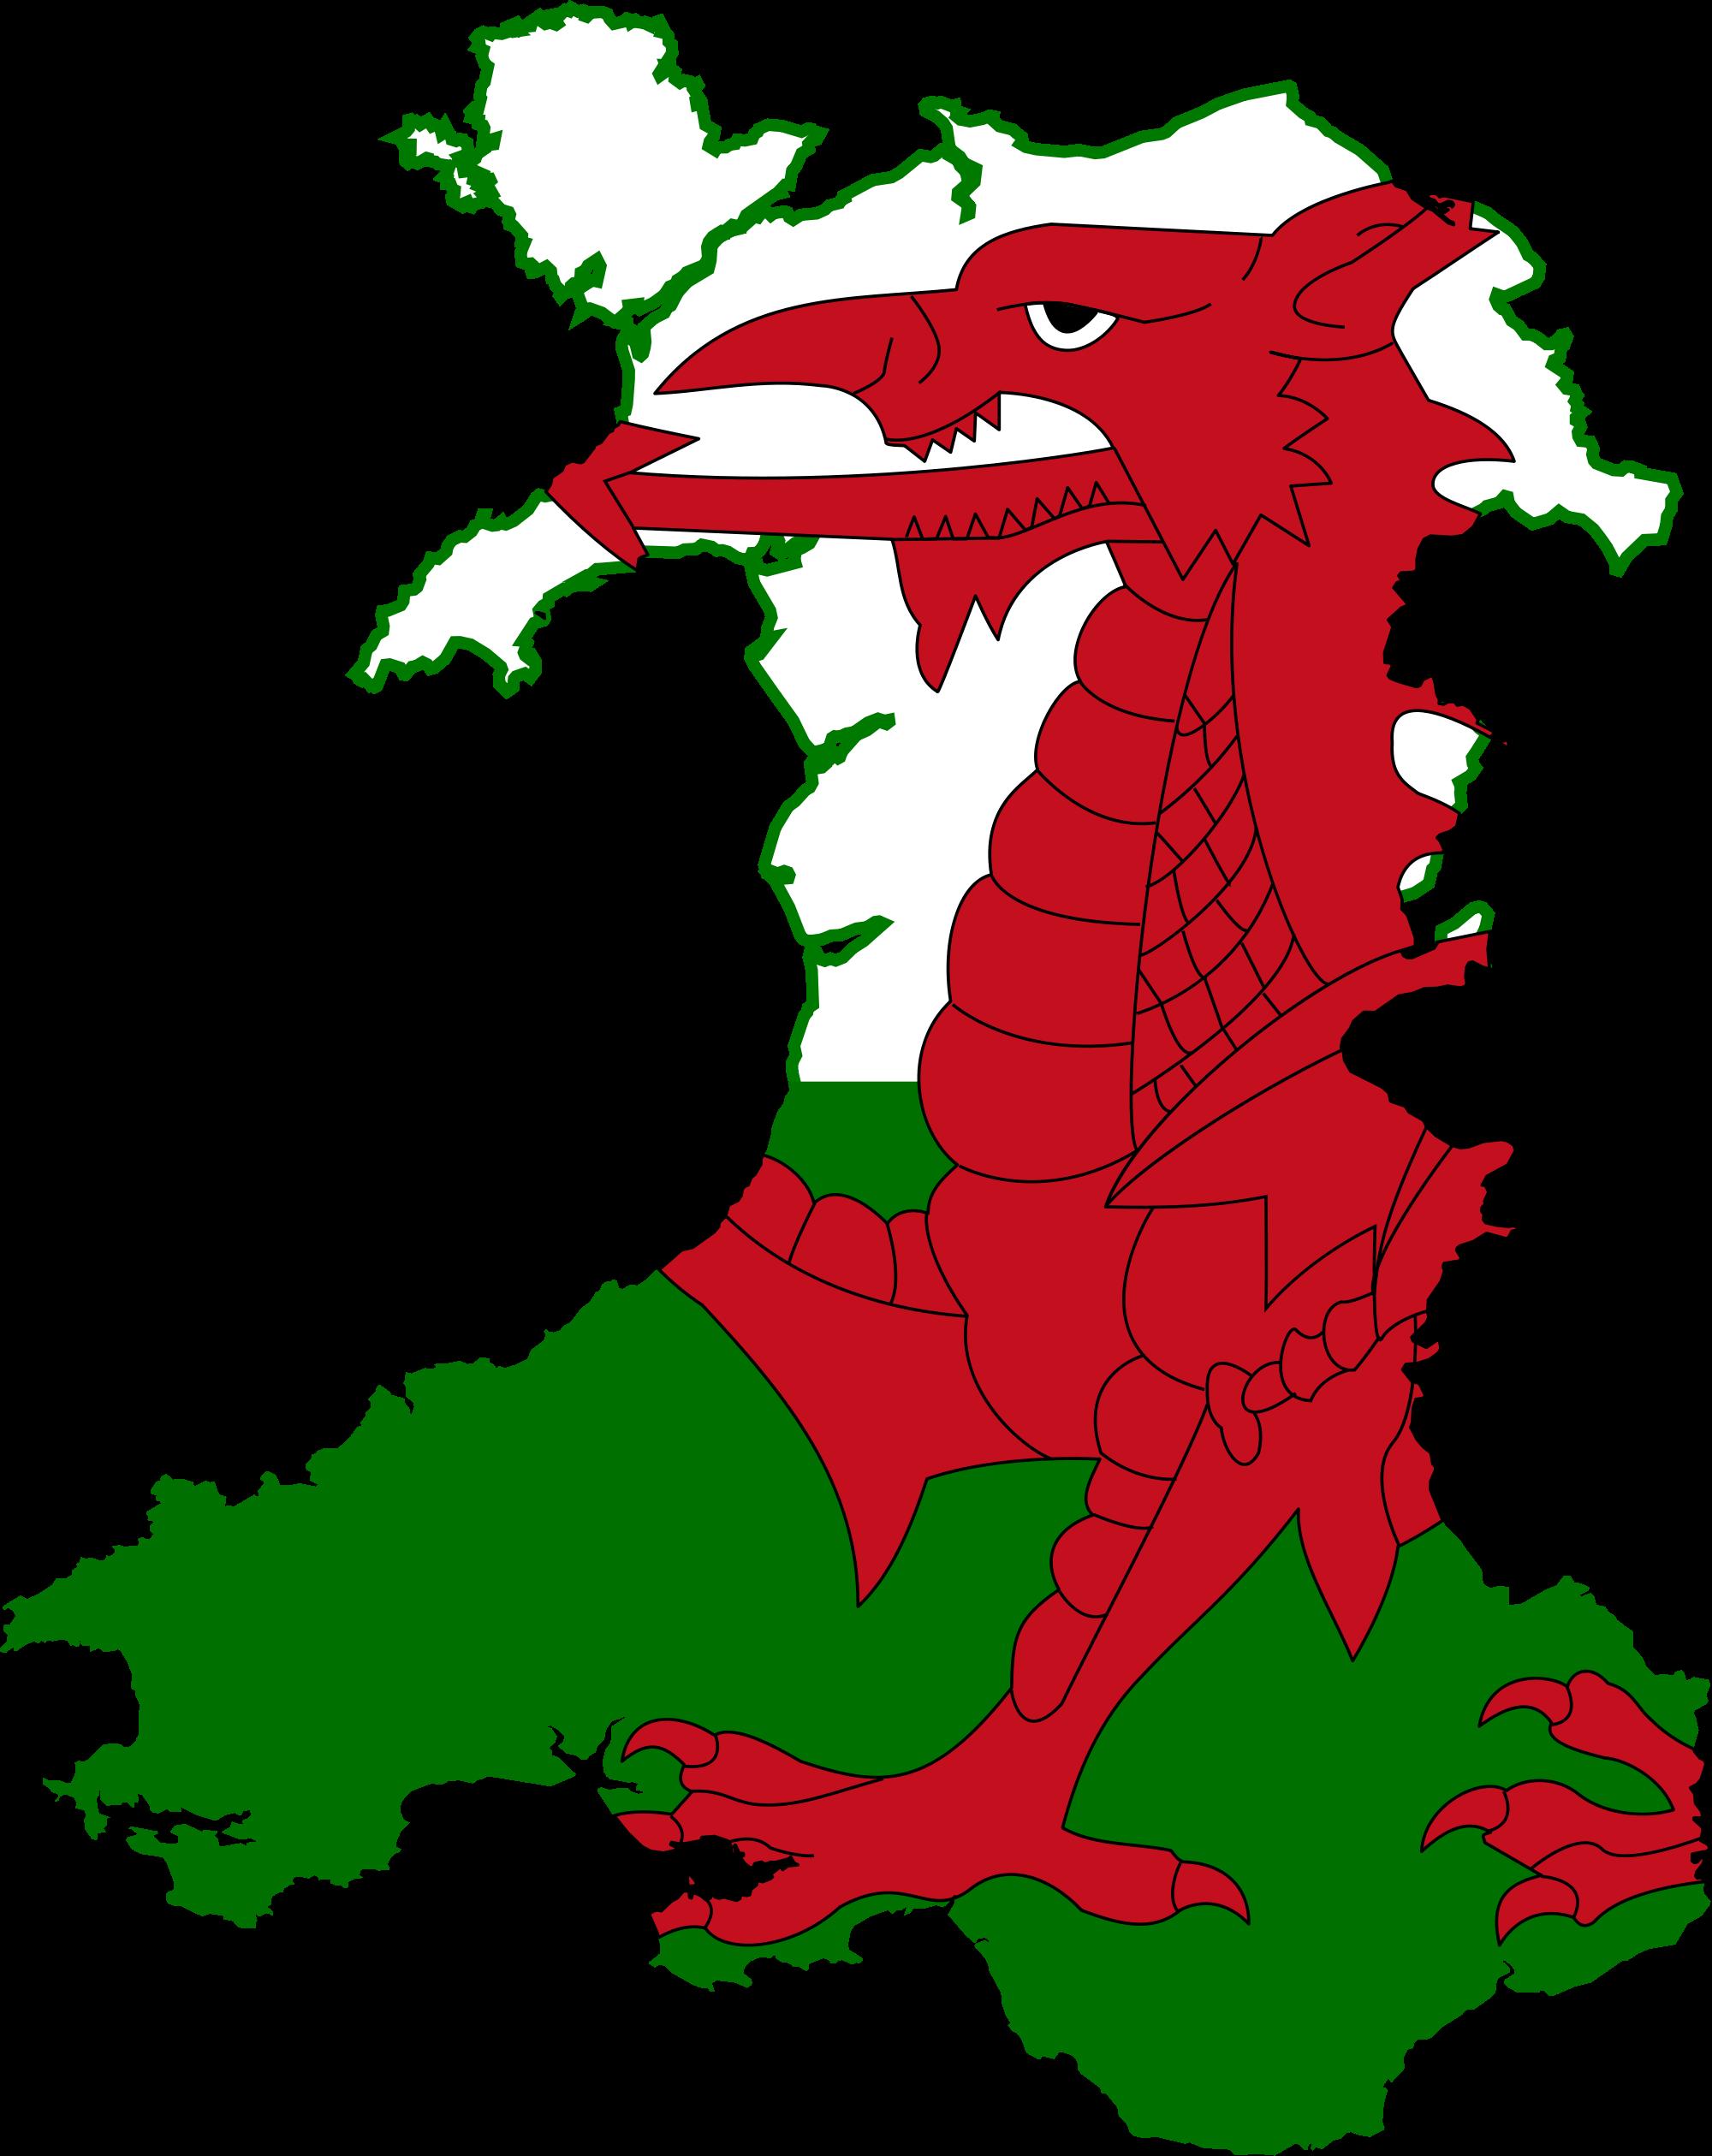 Ddylunio Taflen Neu Boster Ar Gyfer Eich Gweithle Design A Leaflet Or Poster For Your Workplace I Ddathlu Dydd G Wales Map Welsh Flag Wales Flag [ 2519 x 2000 Pixel ]